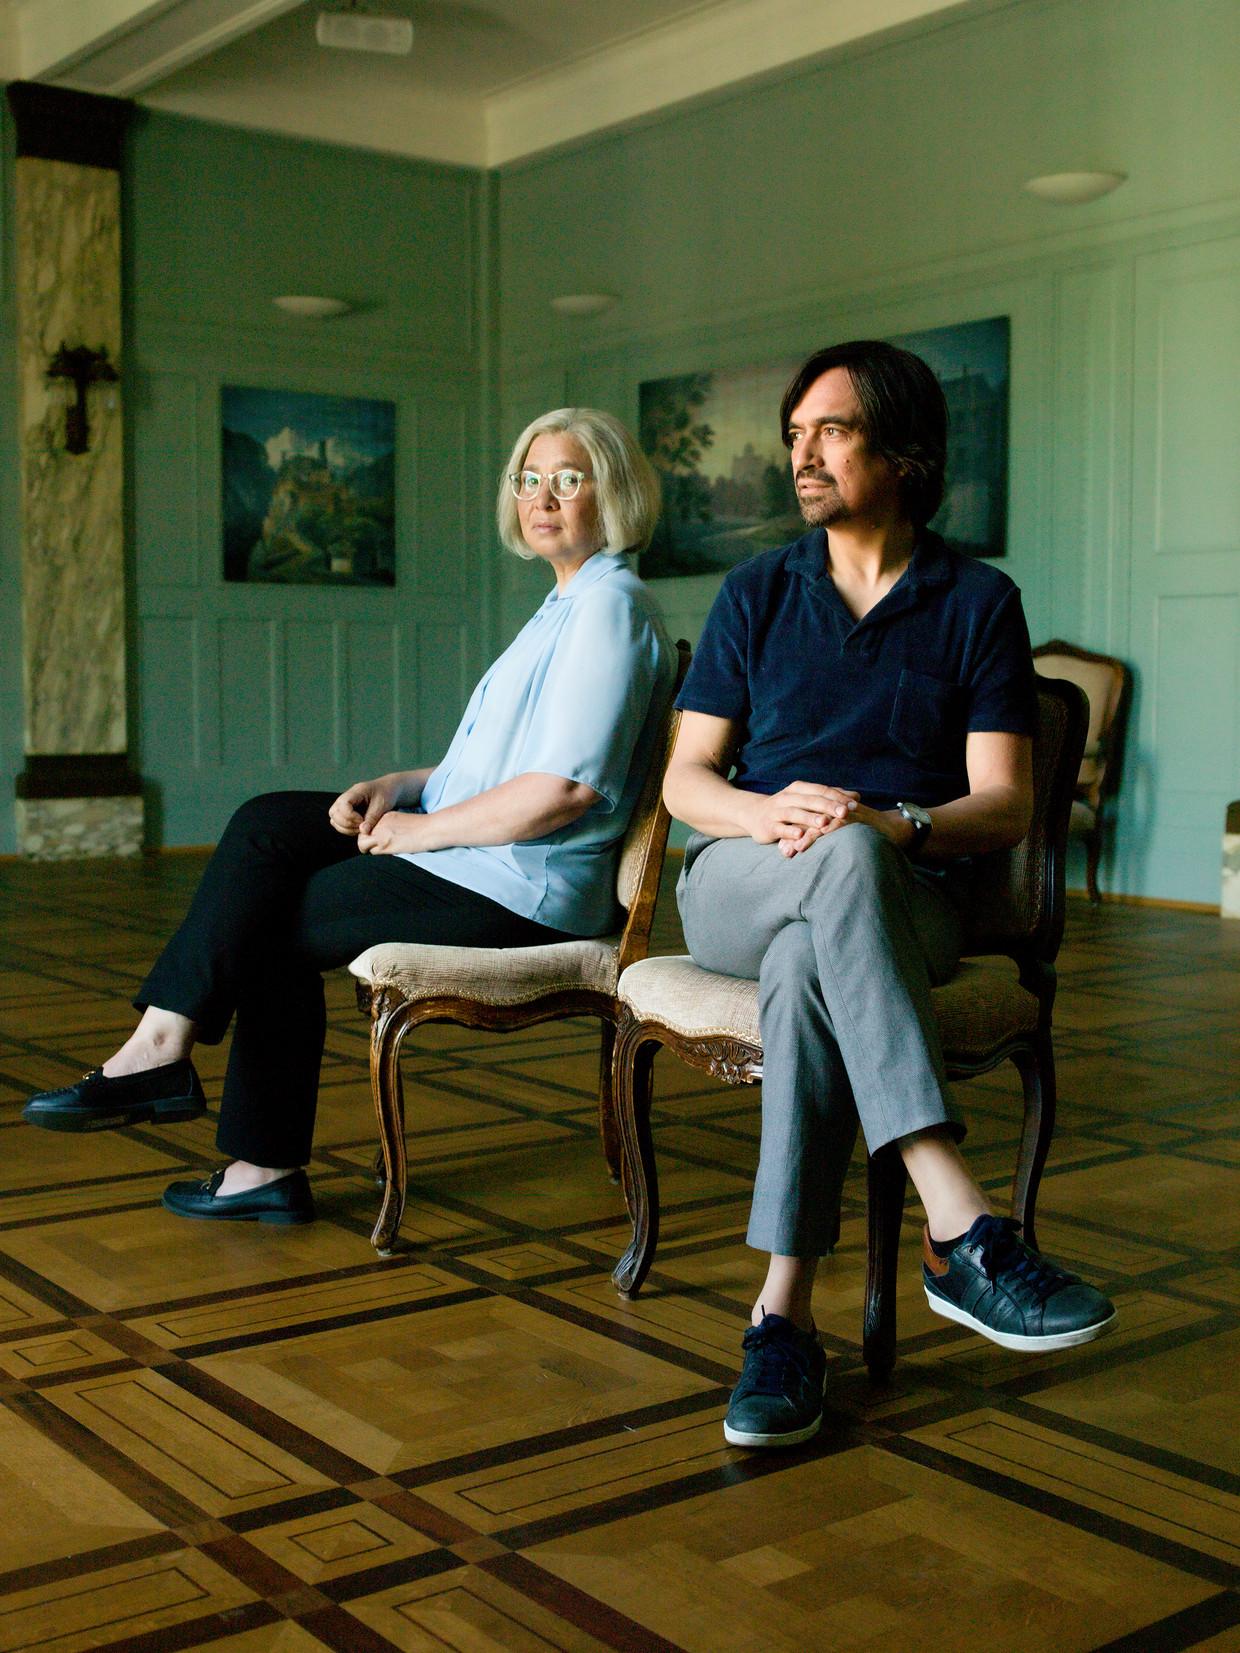 Theaterregisseur Eric de Vroedt en actrice Esther Scheldwacht, die in de voorstelling zijn moeder speelt.  Beeld Eva Roefs